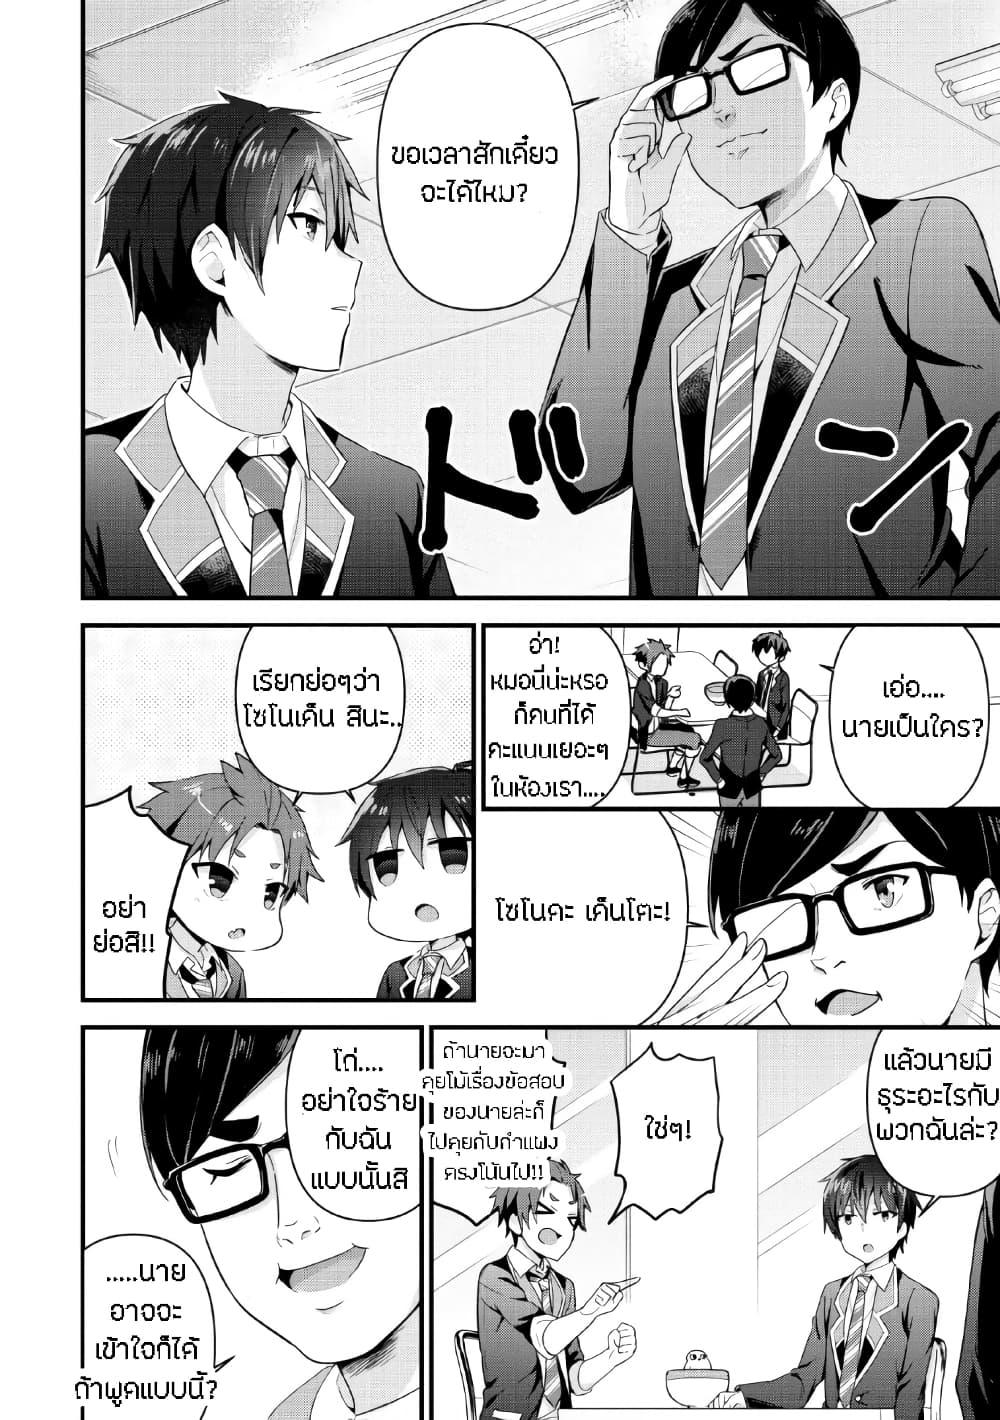 อ่านการ์ตูน Tonari no Seki ni Natta Bishoujo ga Horesaseyou to Karakatte Kuru ga Itsunomanika Kaeriuchi ni Shite Ita ตอนที่ 4 หน้าที่ 2